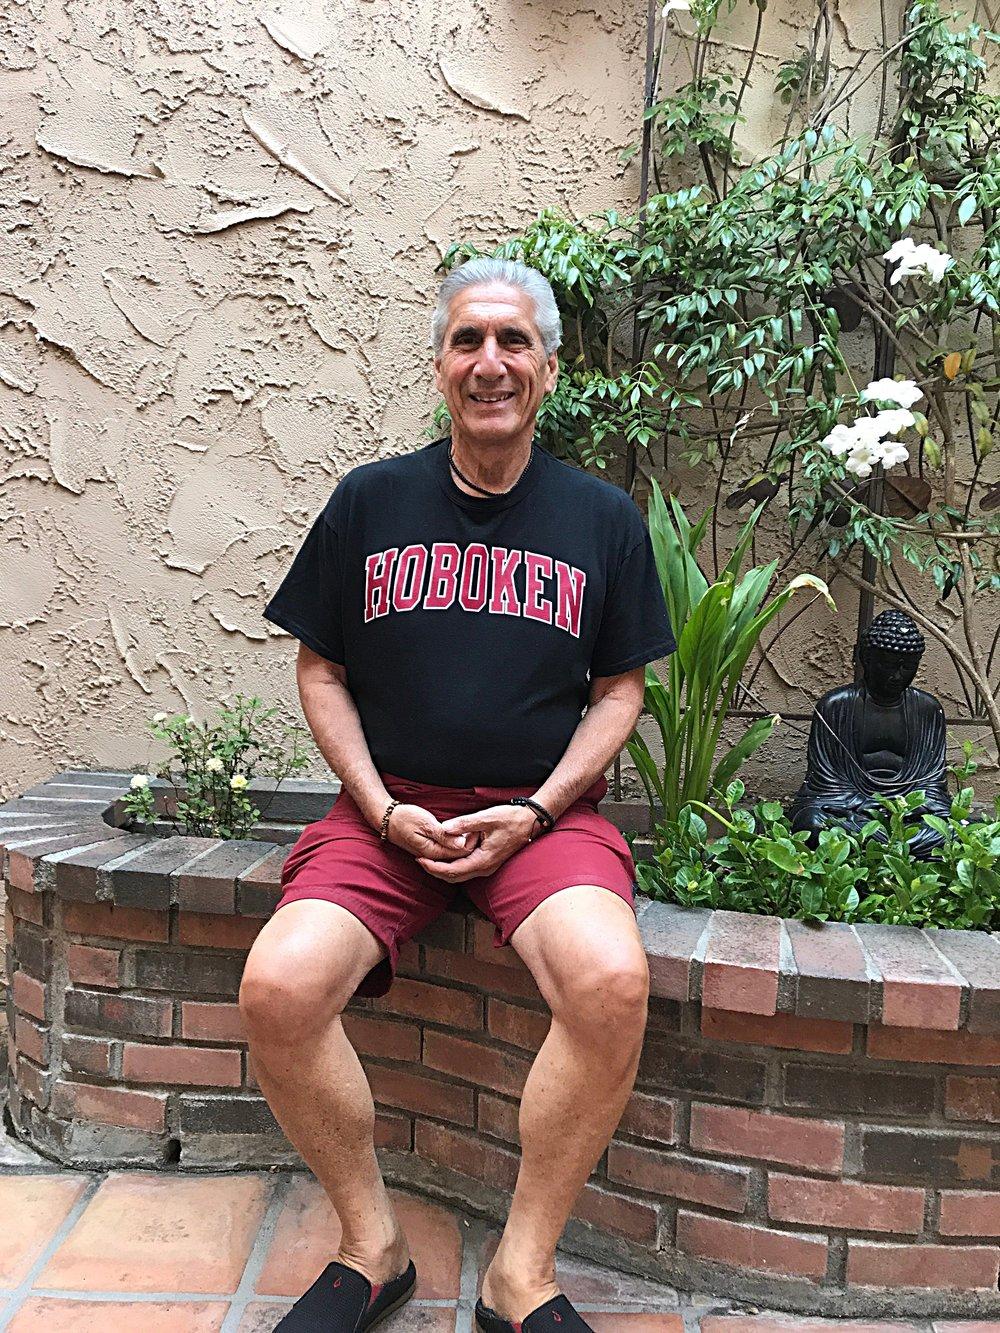 Hoboken T shirt IMG_0328.jpg 5.jpg